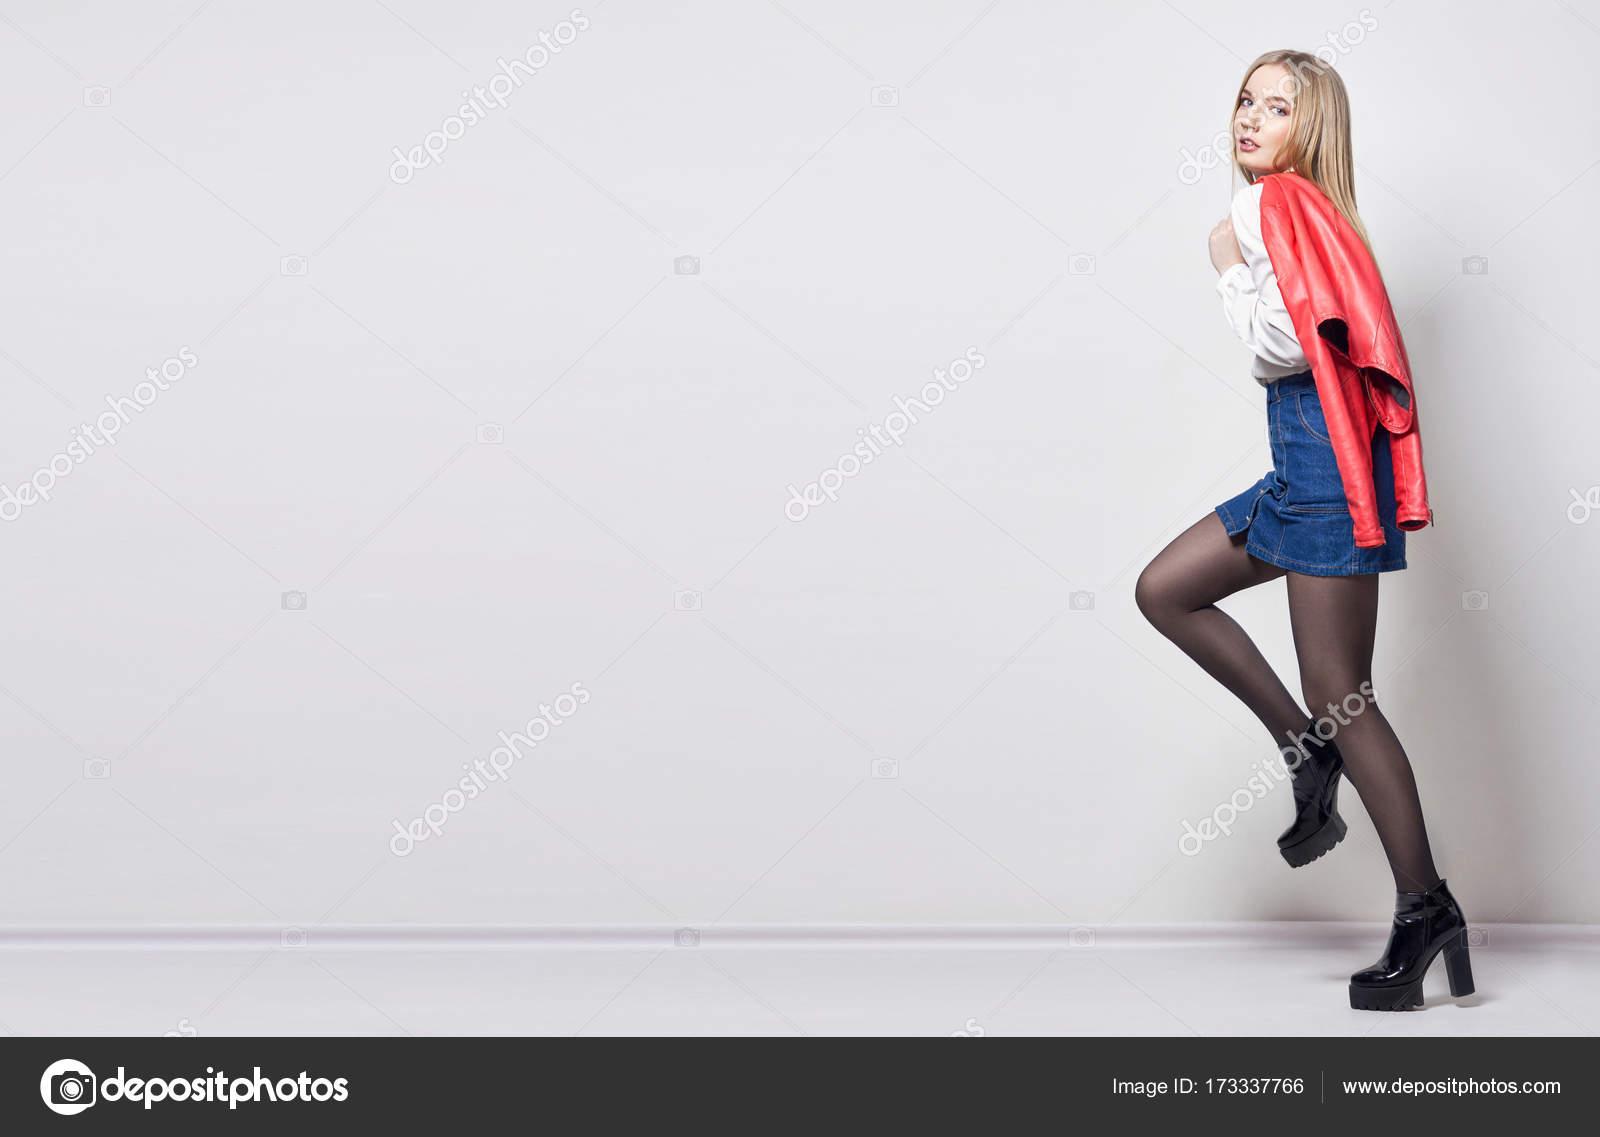 Модный образ нежной и сексуальной женщины